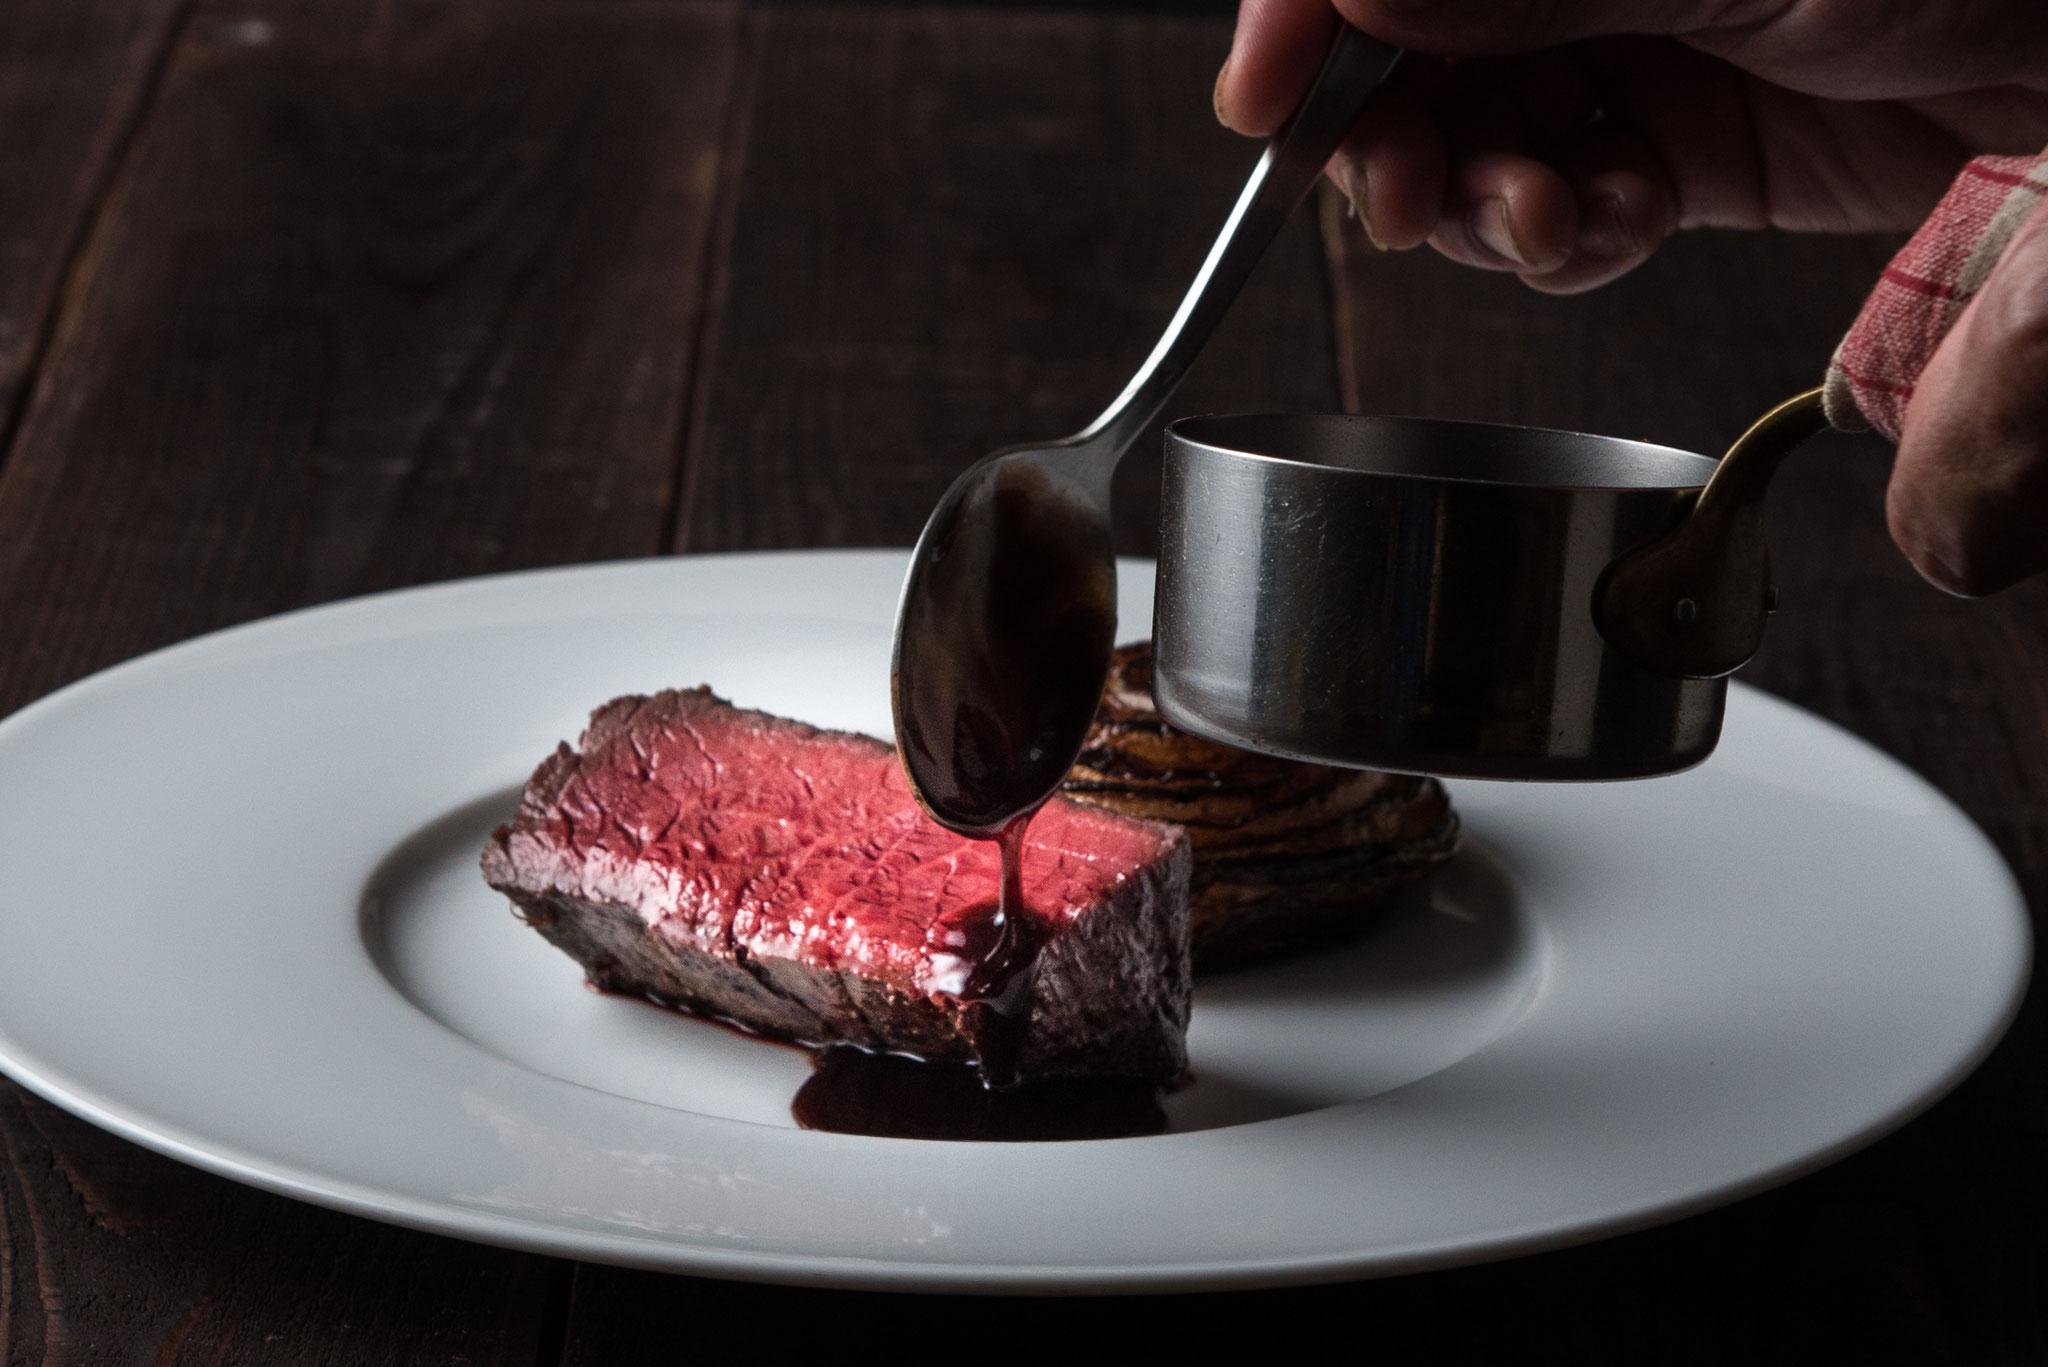 料理が仕上がる瞬間の何とも言えないシズル感をアピール。